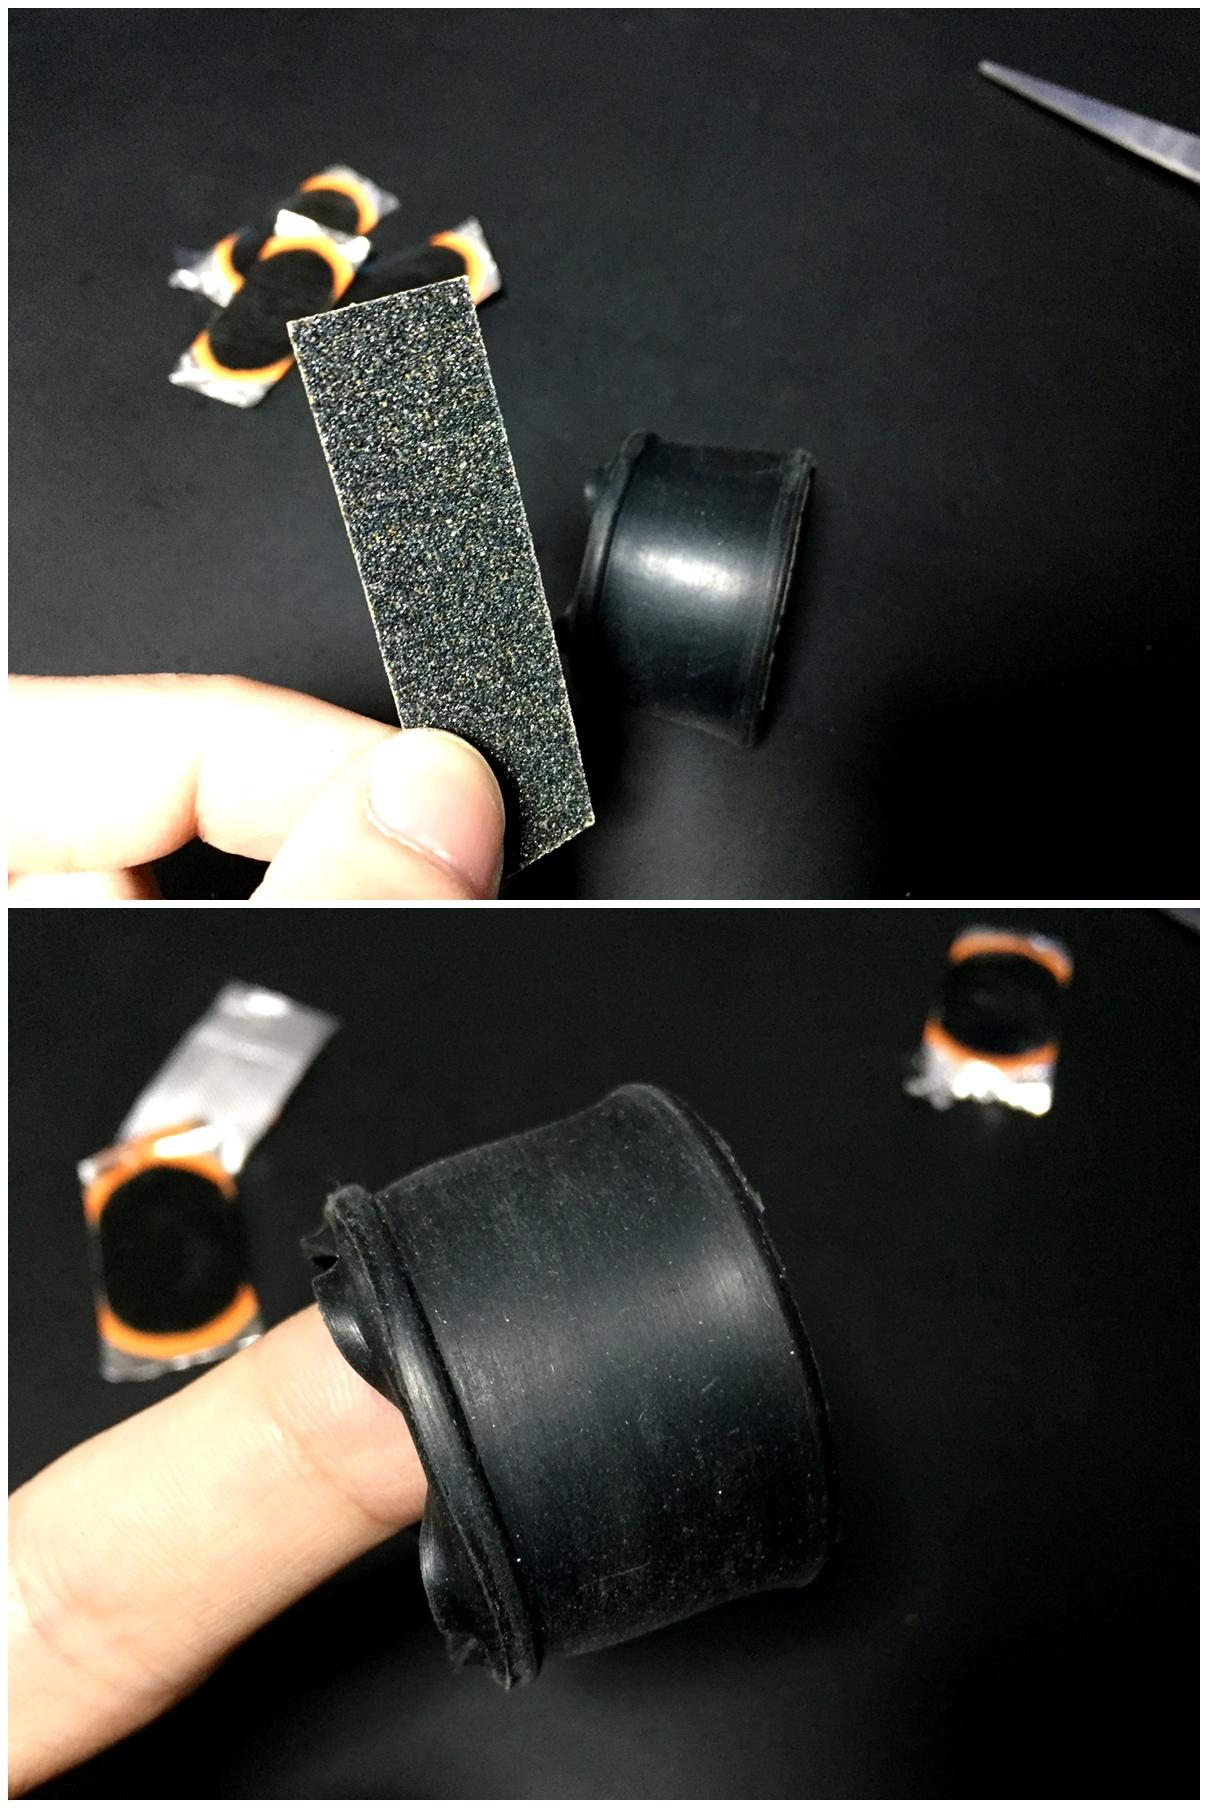 11 ELEMENT フラッシュライト ディフューザー フリップアップ式 カバー 1 47インチ 1 62インチ IRフィルター SUREFIRE タイプ レプリカ フラッシュライト カバー 比較 取付 加工 レビュー